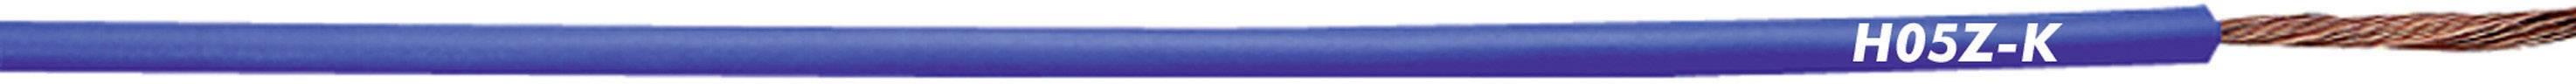 Opletenie / lanko LappKabel 4725051 H05Z-K, 1 x 0.50 mm², vonkajší Ø 2.10 mm, metrový tovar, biela